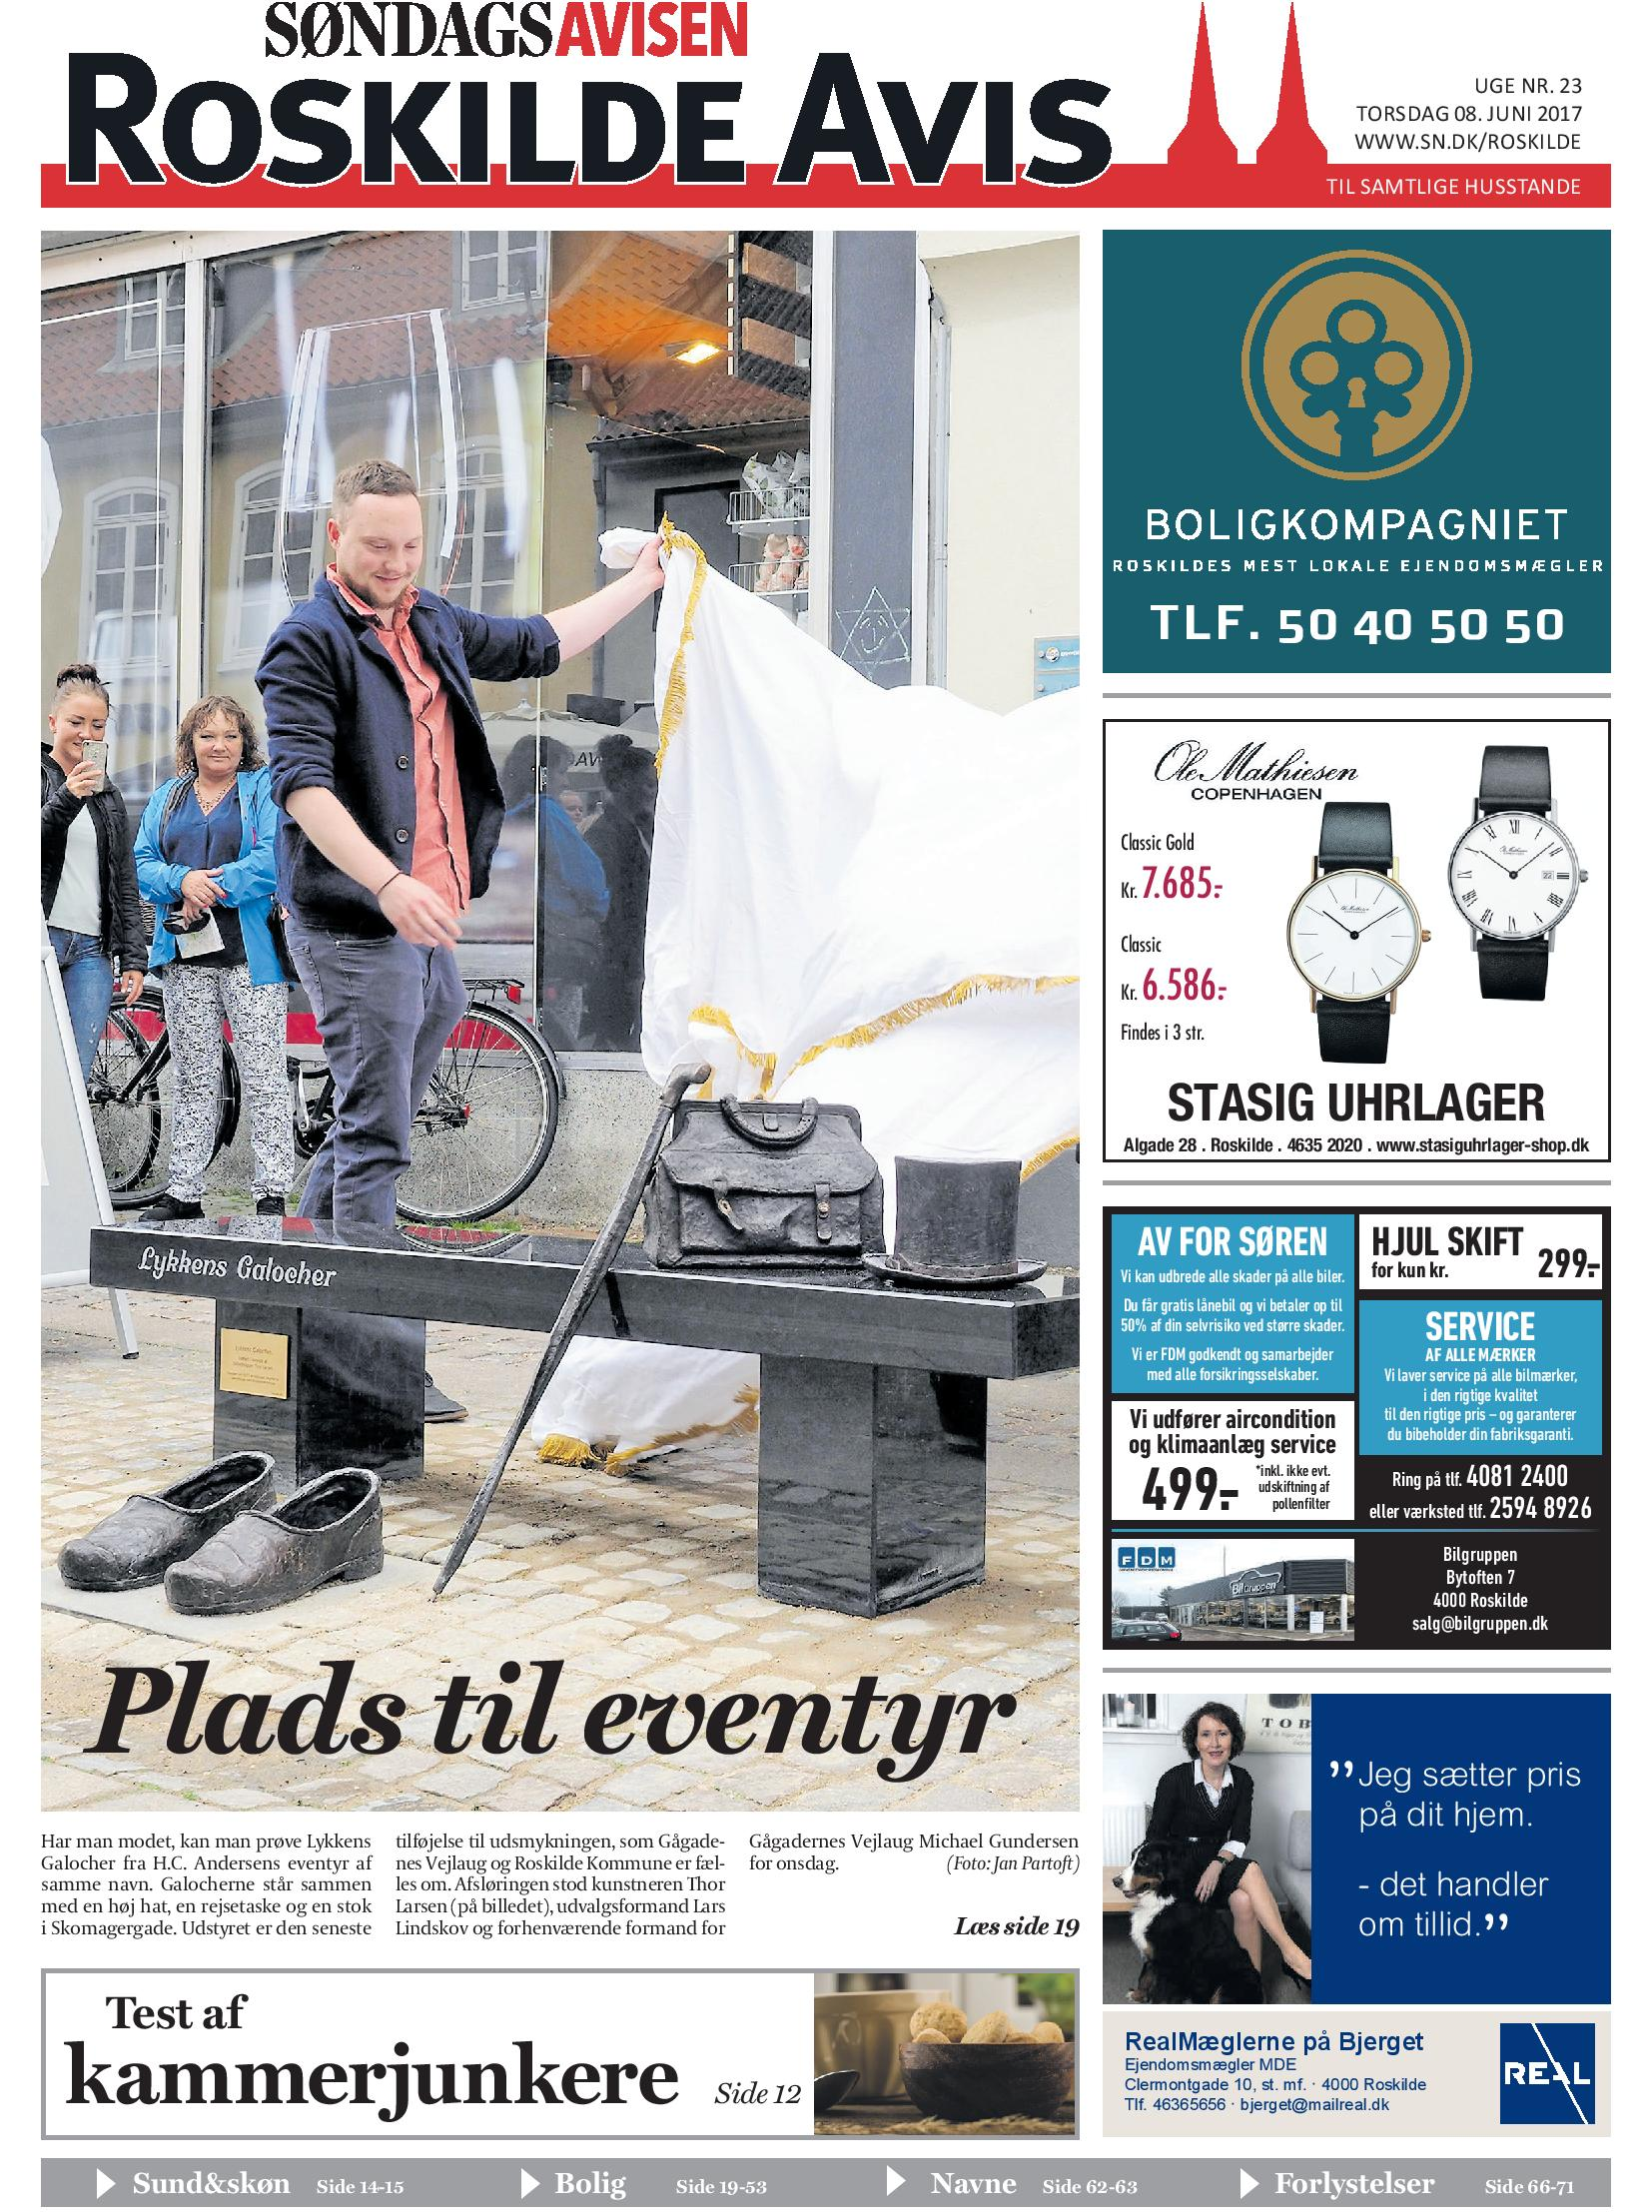 2017-06-08_Roskilde_Soendag_-_Uge_23 (trukket)-page-001-2.jpg